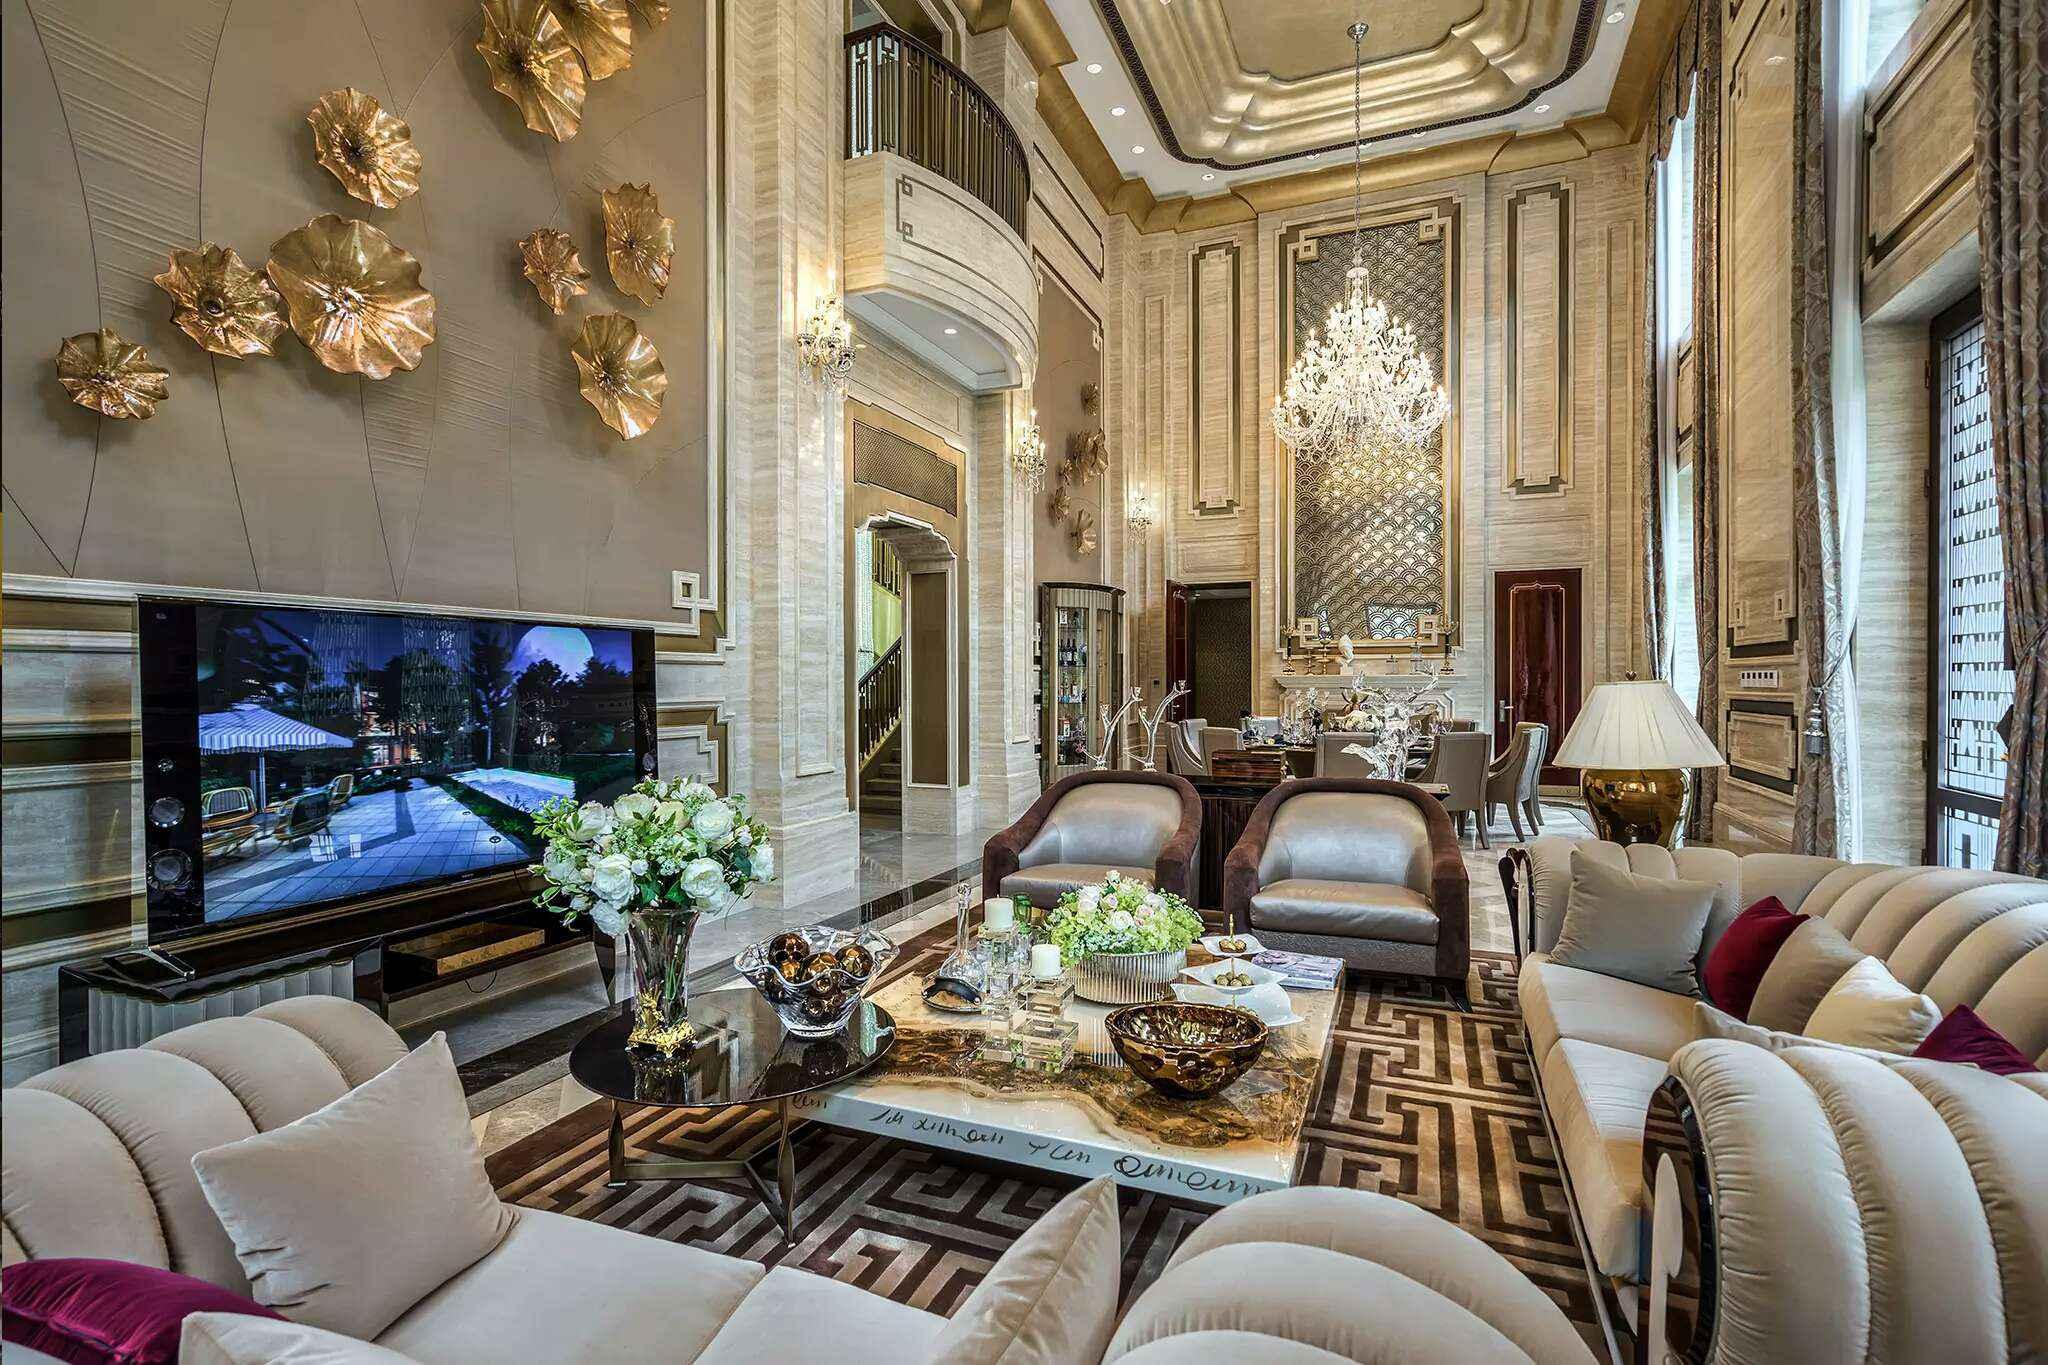 28 Neoclassicism interior design Idea - Free Autocad ...